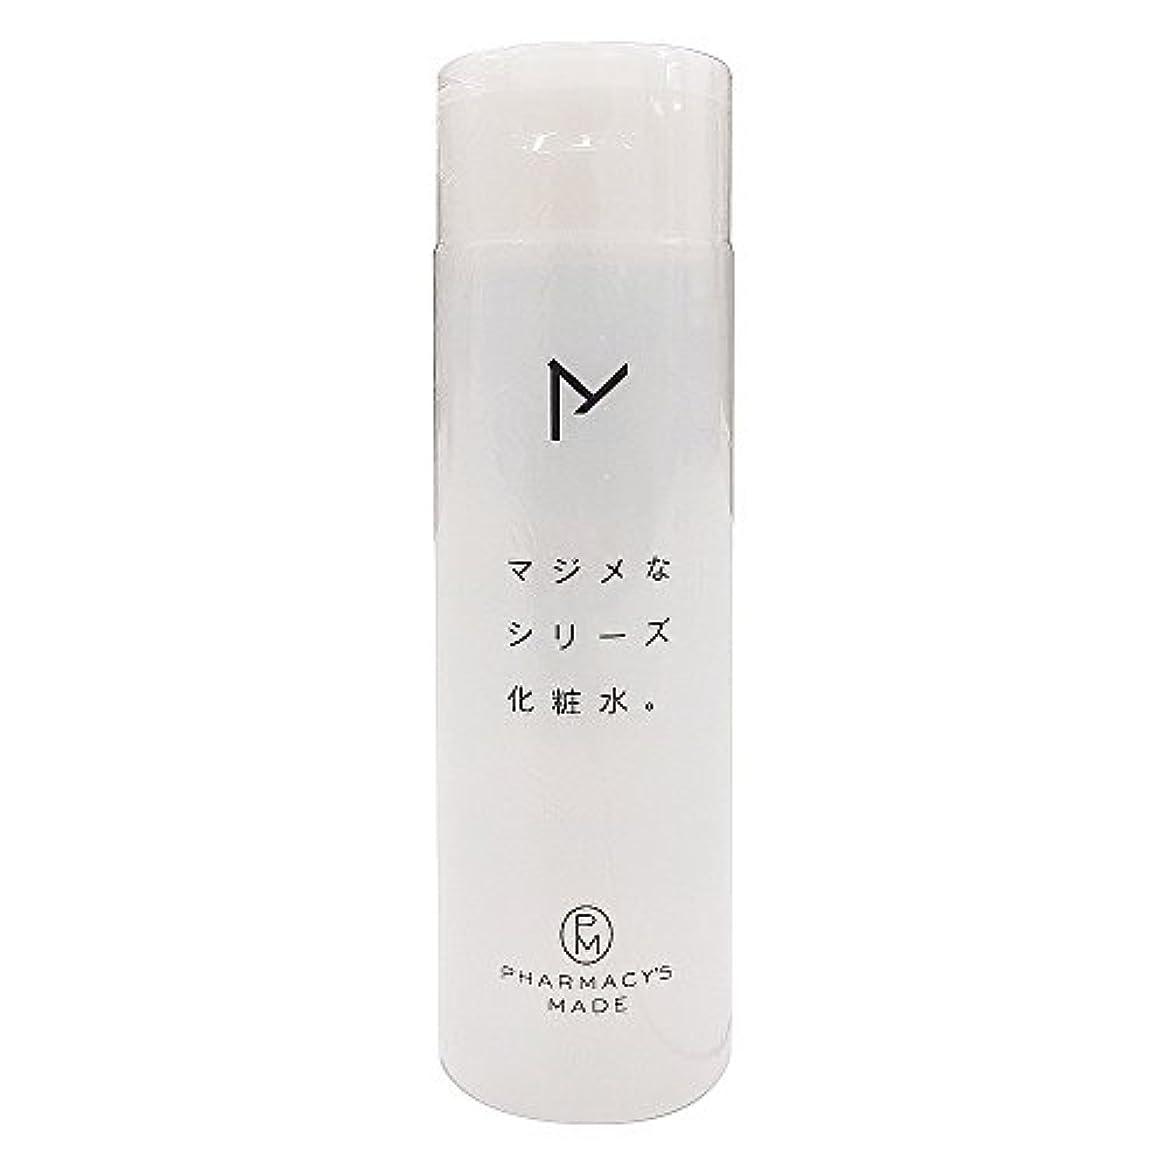 アマチュアスロープ葡萄水橋保寿堂製薬 マジメなシリーズ化粧水。 200ml